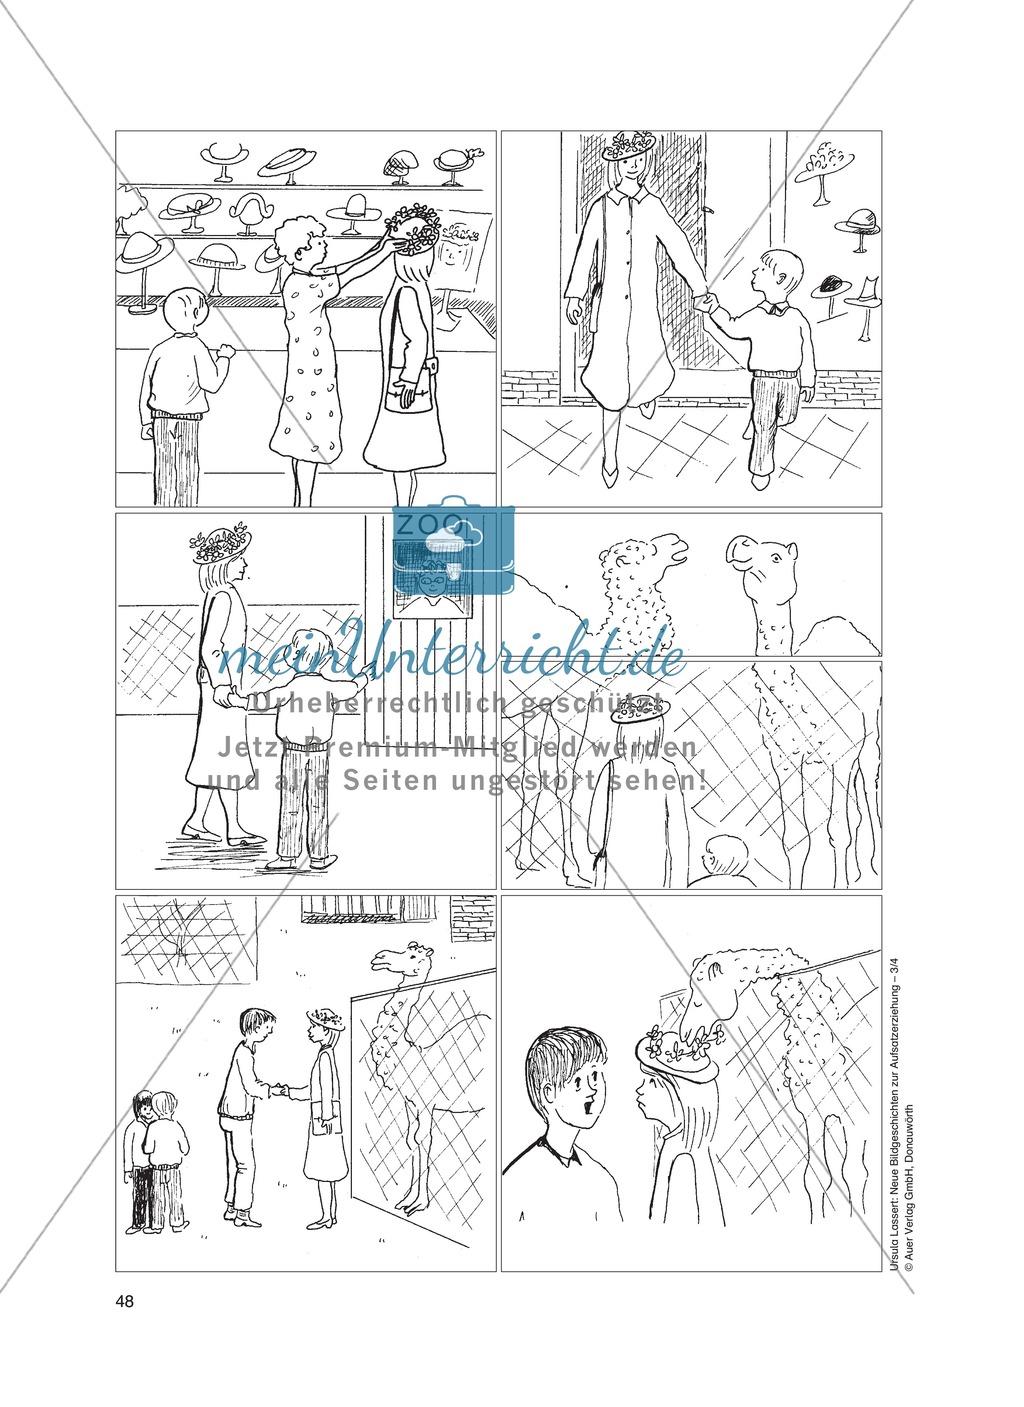 Bildergeschichten im DU - Der neue Hut: Arbeitsblätter - meinUnterricht